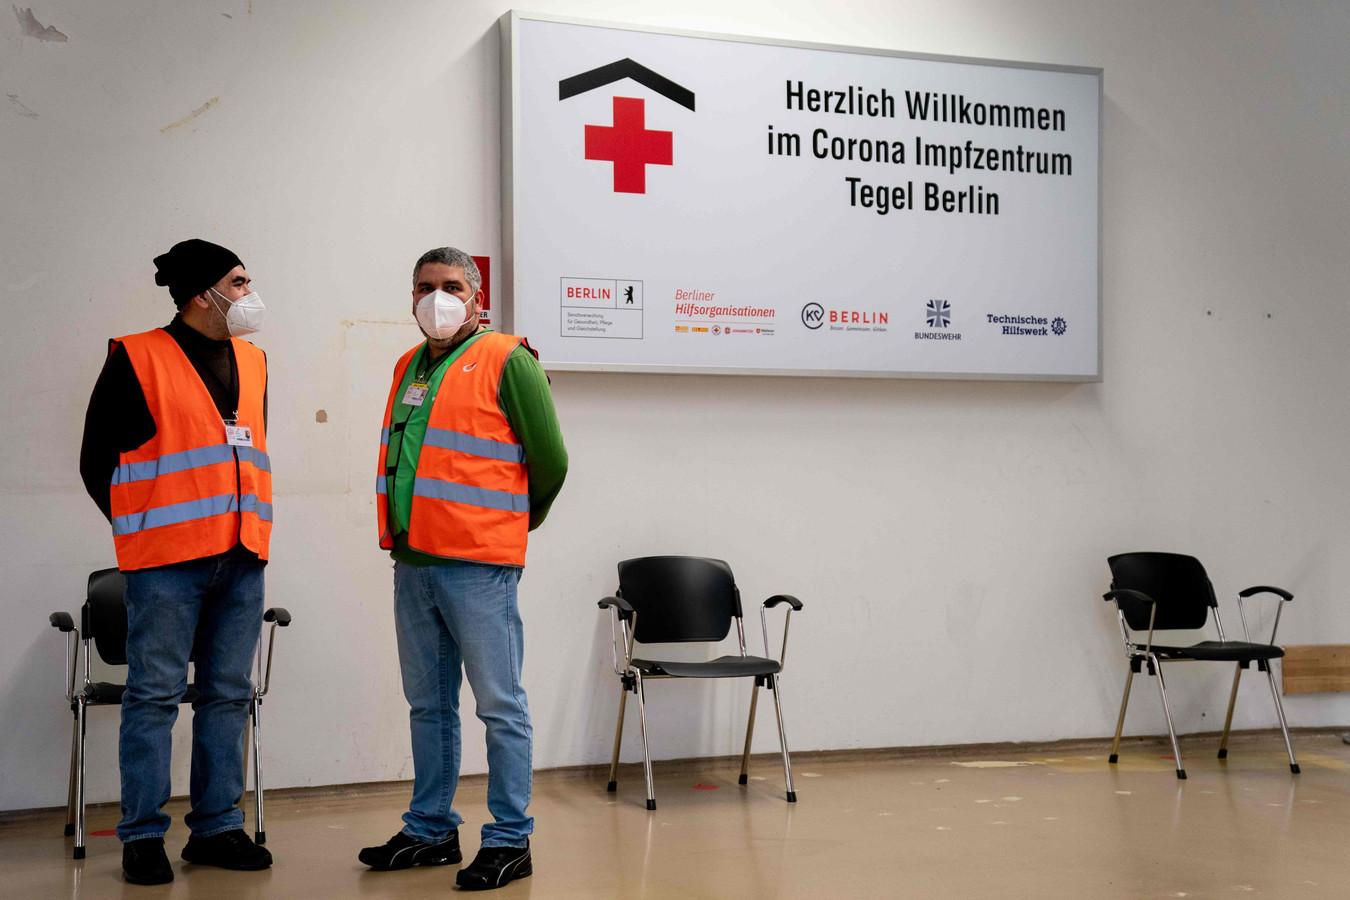 In het vaccinatiecentrum van Berlin Tegel blijft het rustig. Veel zorgmedewerkers weigeren zich te laten inenten met het AstraZeneca-vaccin.